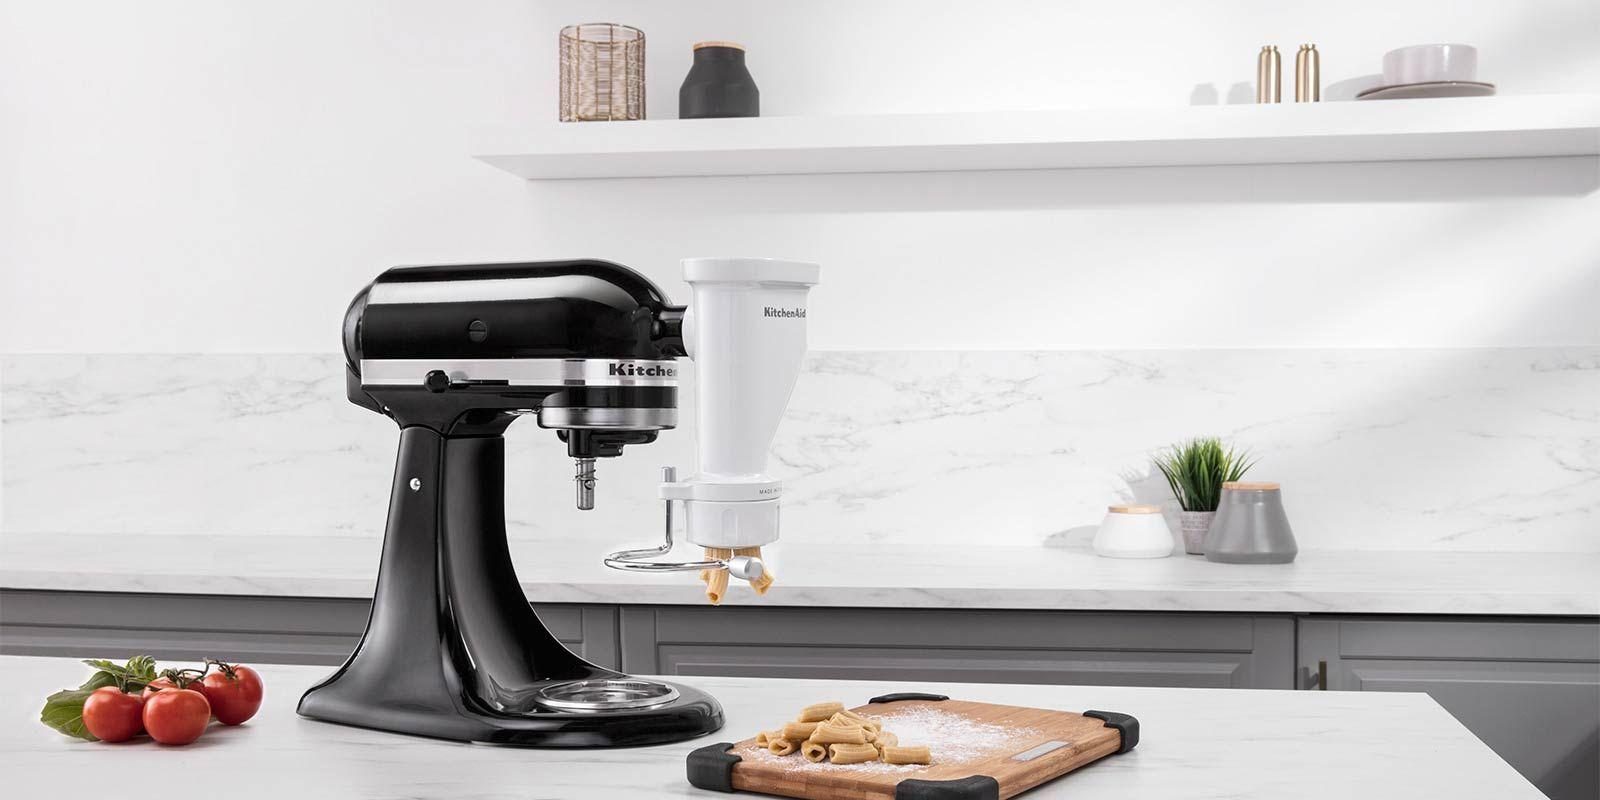 Optionales Zubehör für die KitchenAid-Küchenmaschine | Kitchen aid ...